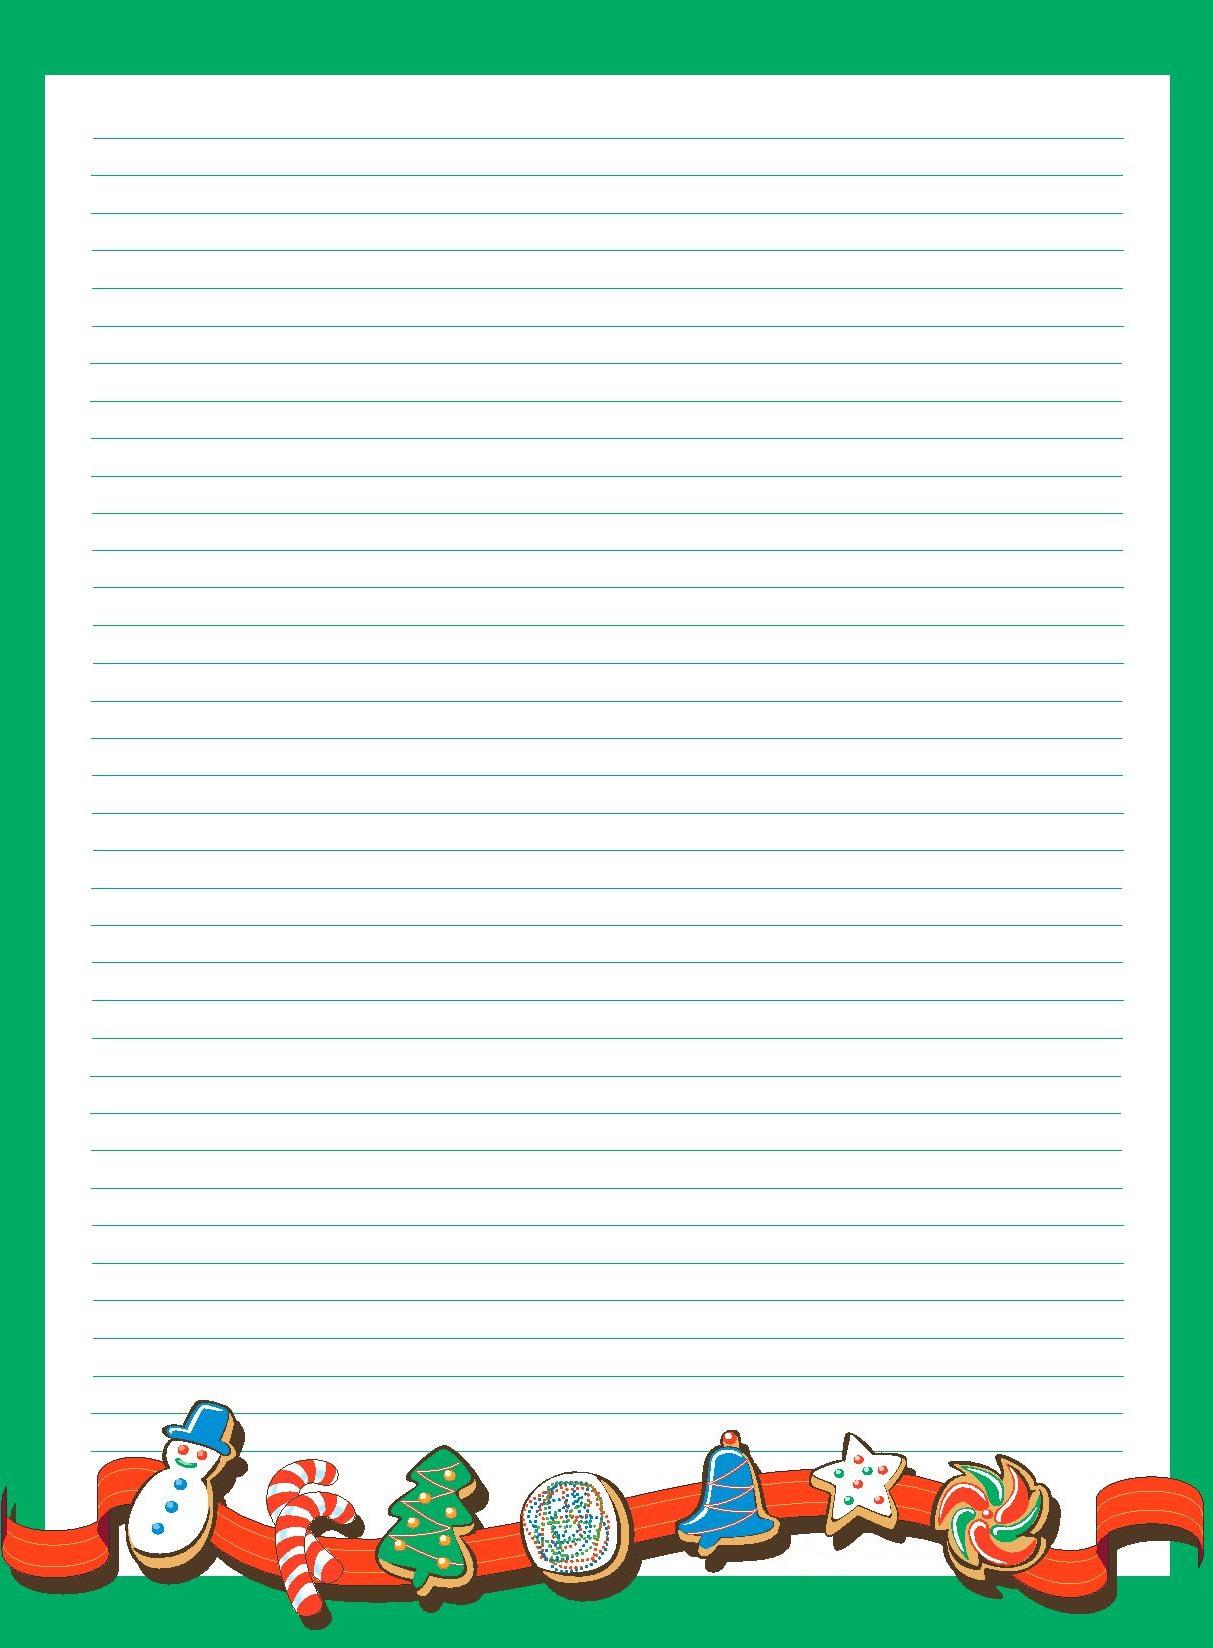 Papier À Lettre De Noël À Imprimer À La Maison Facilement avec Feuille Ligne Lettre